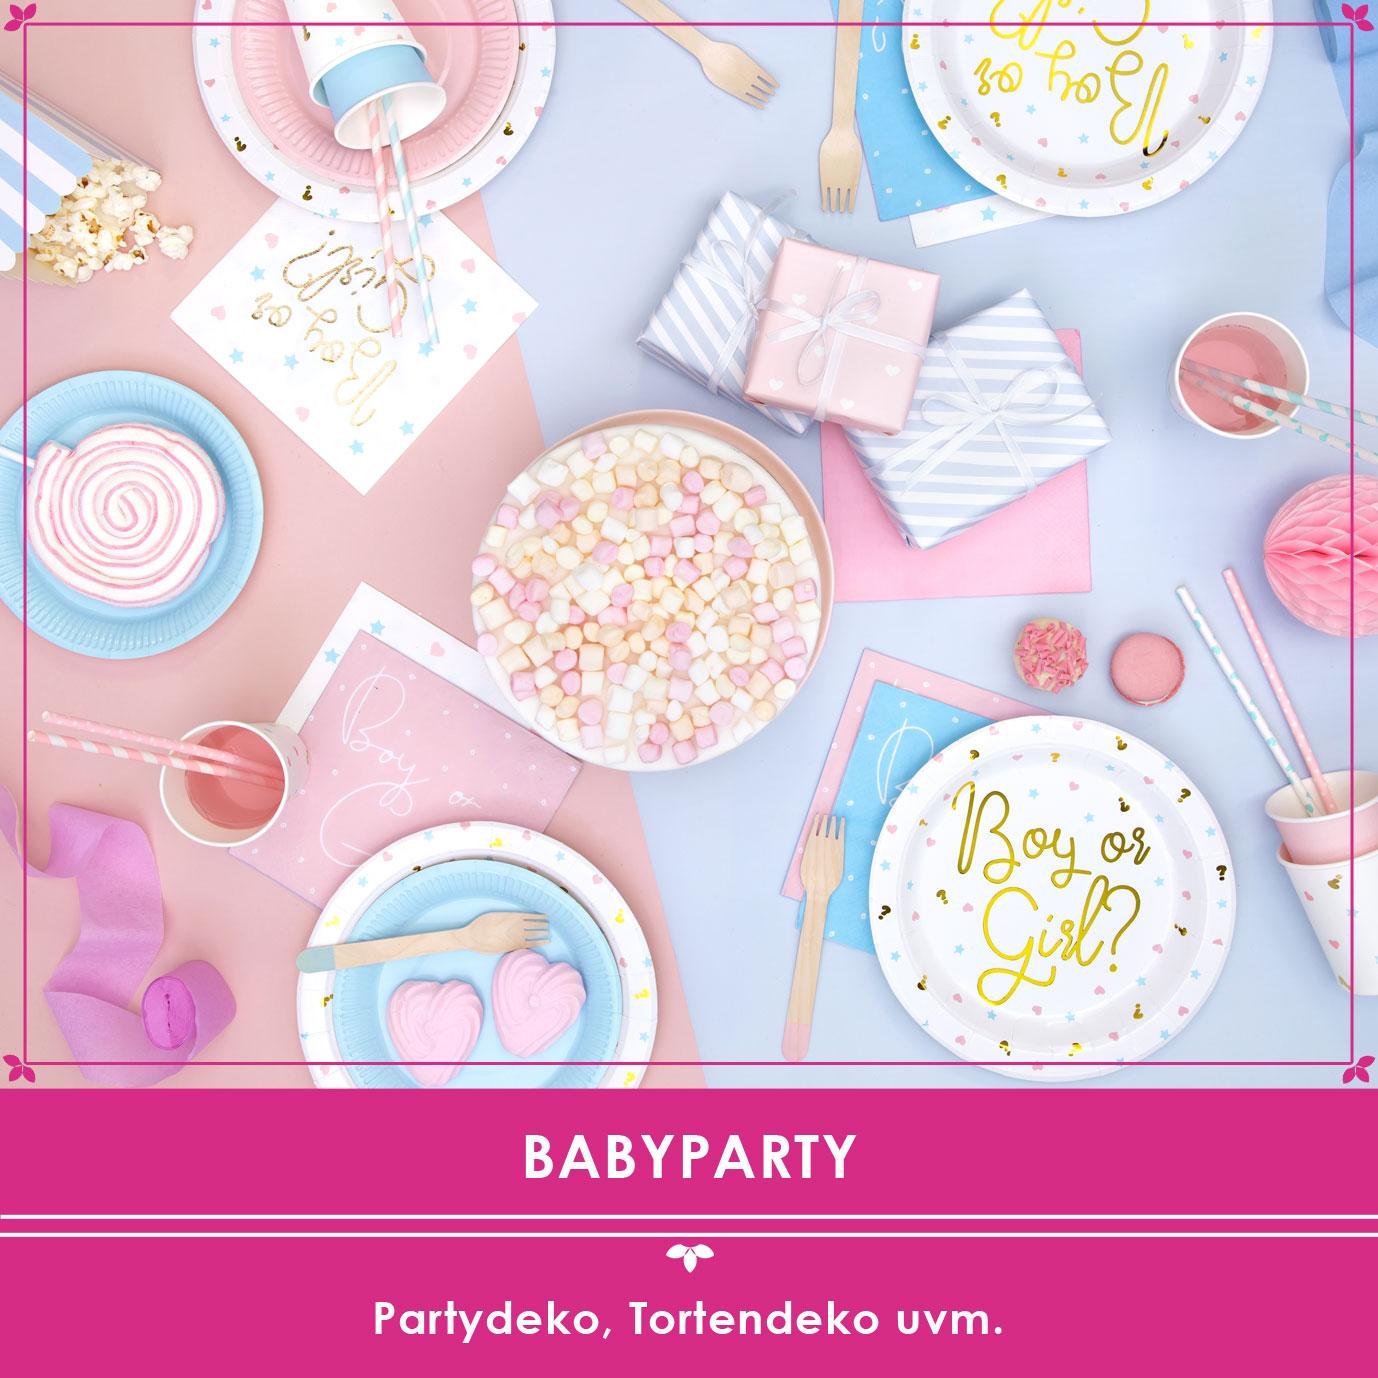 Kategorie Babyparty